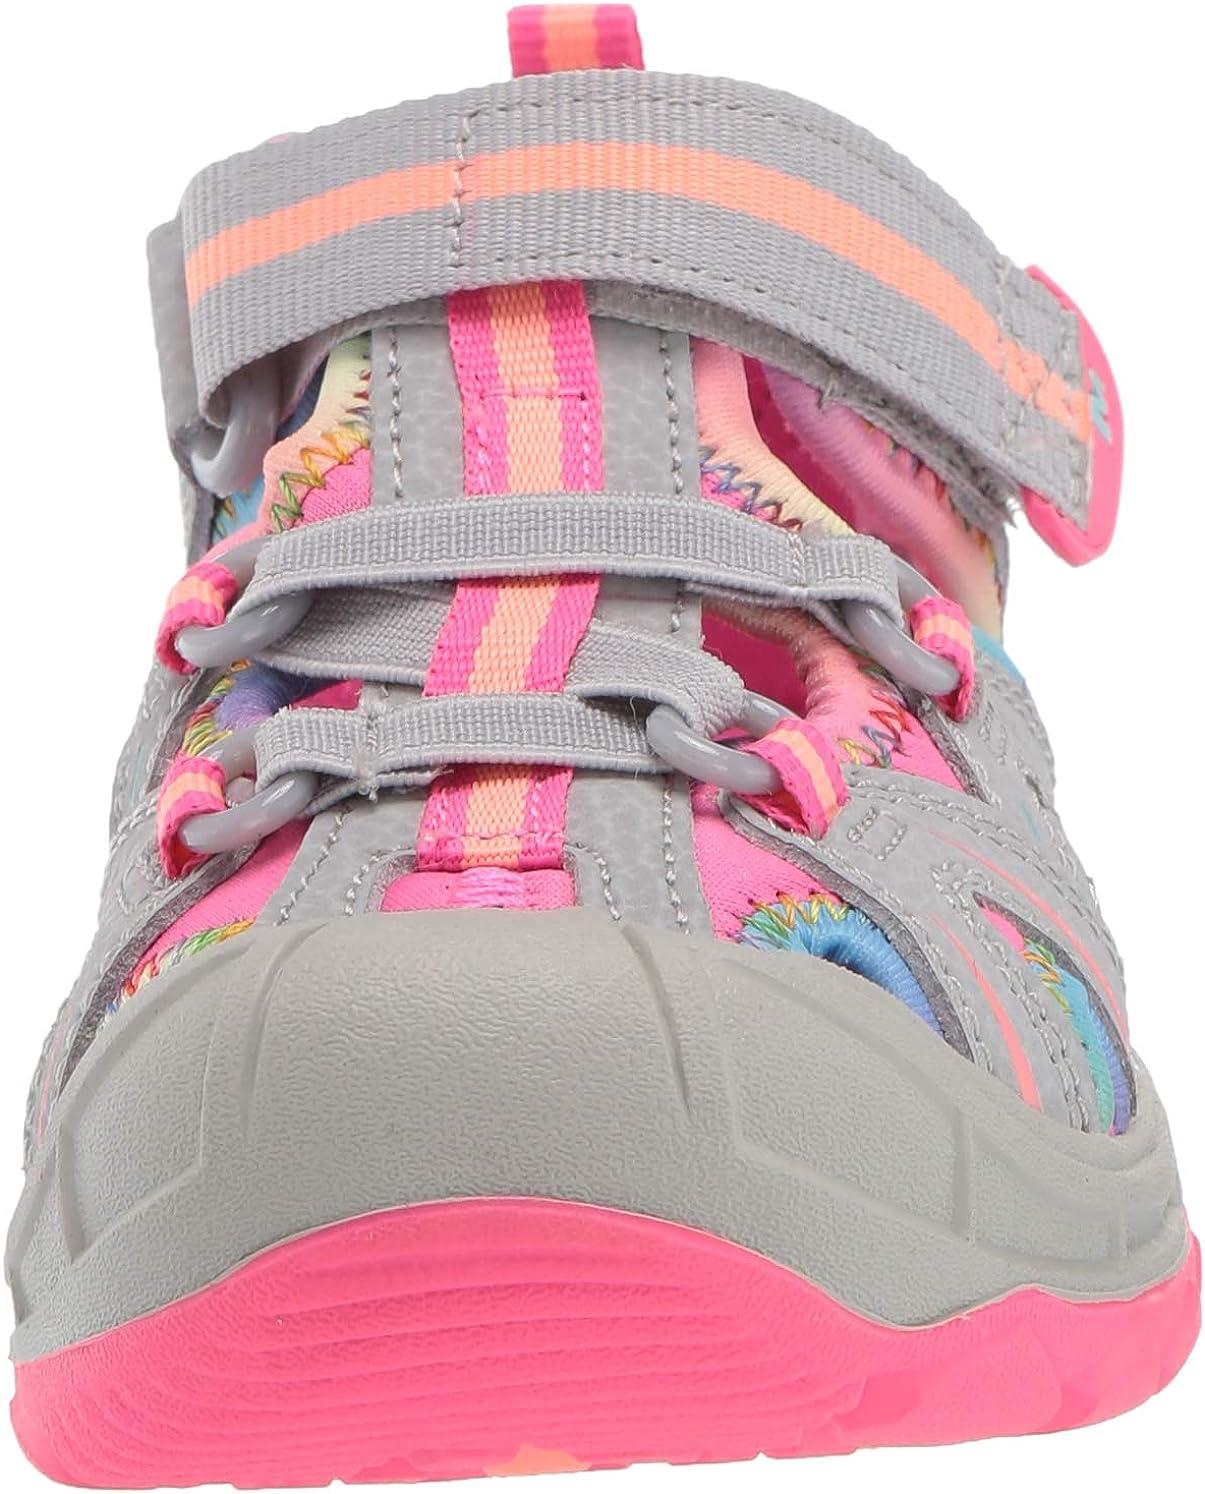 Merrell Unisex-Kids Hydro Sport Sandal